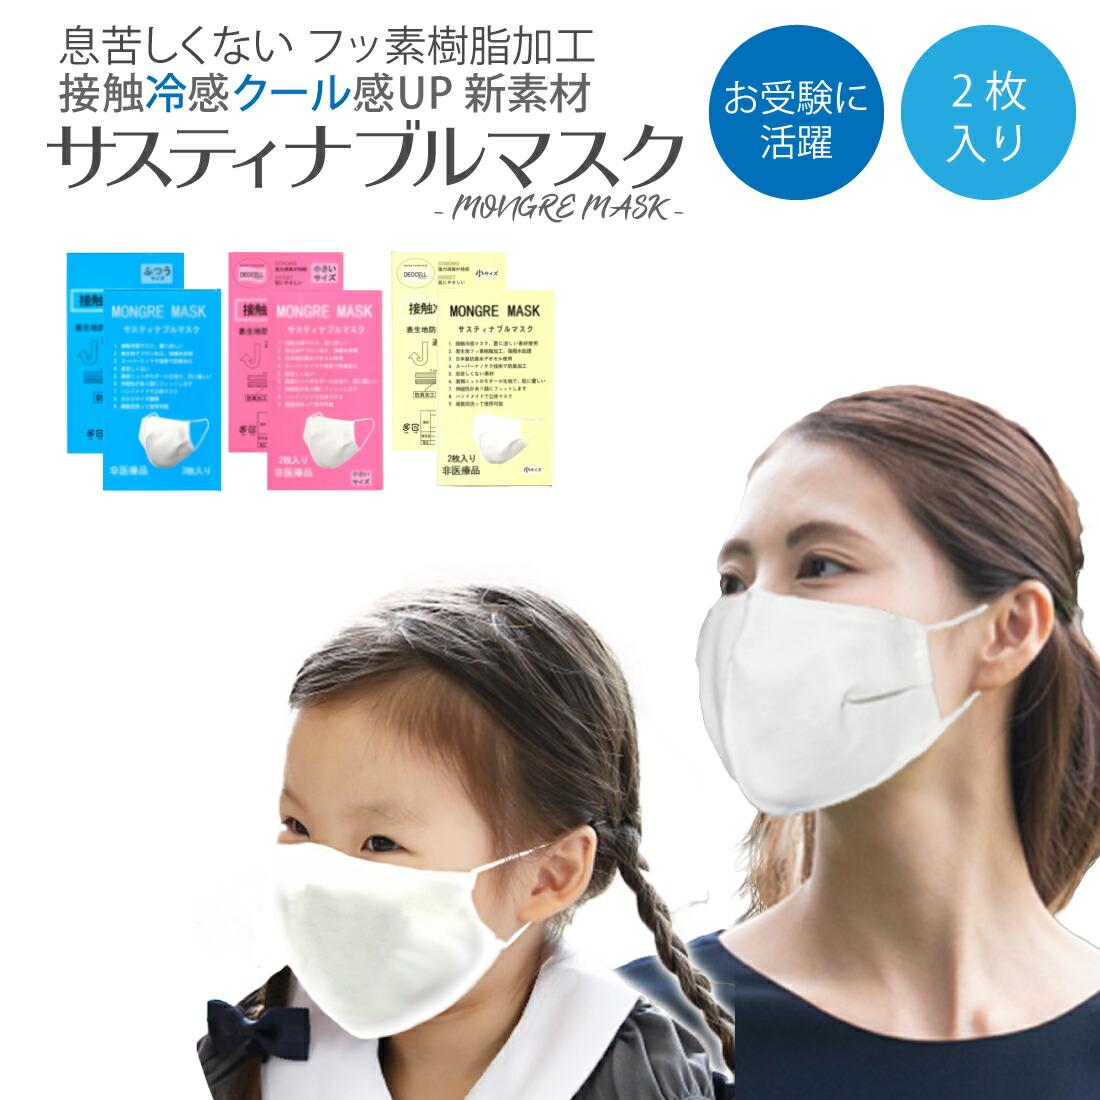 お受験用マスク